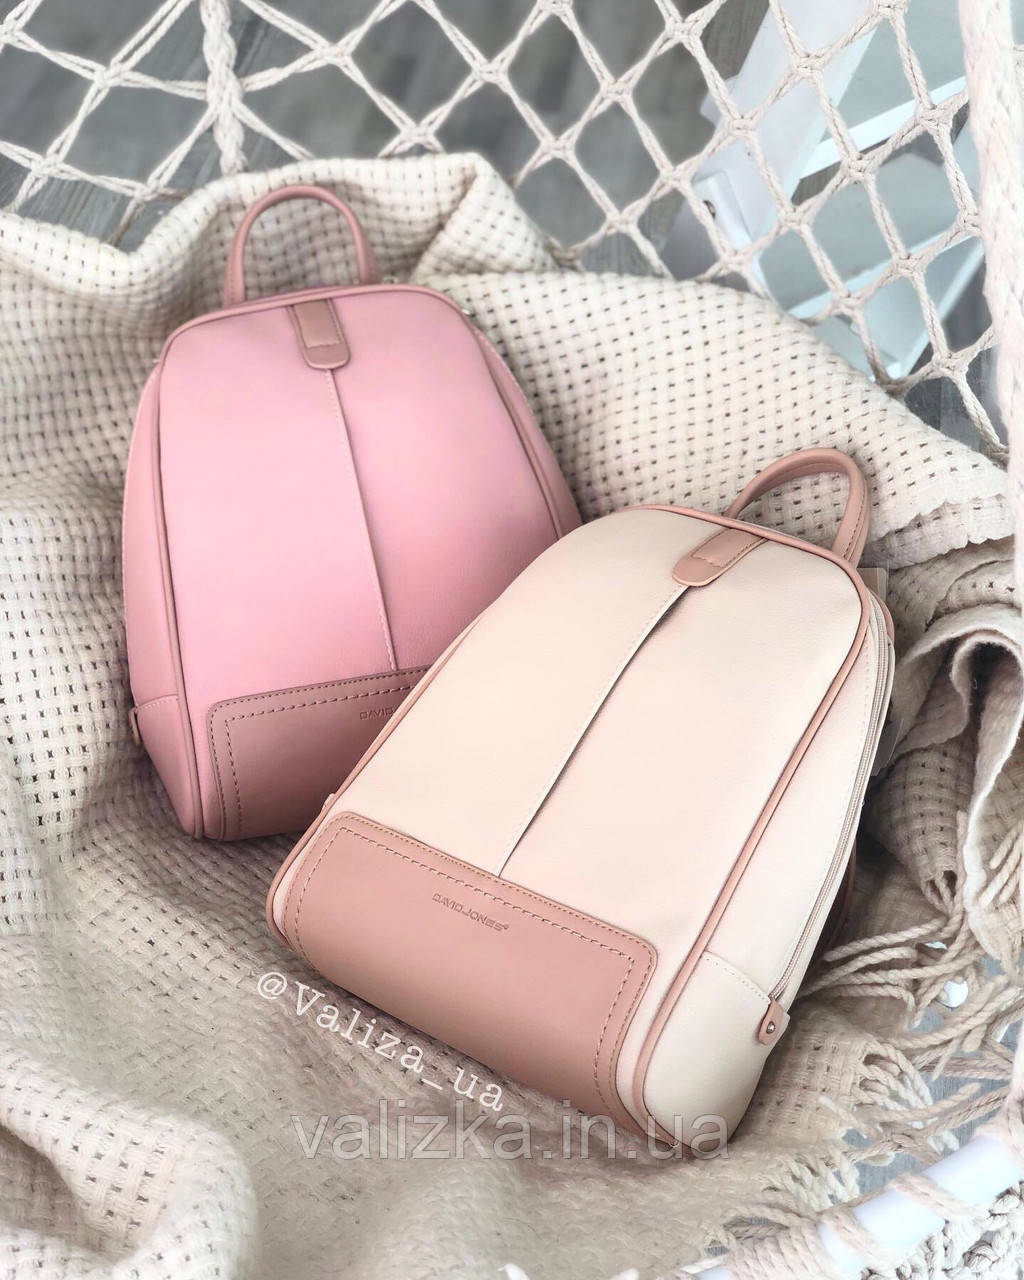 Рюкзак David Jones жіночий рожевий 5663